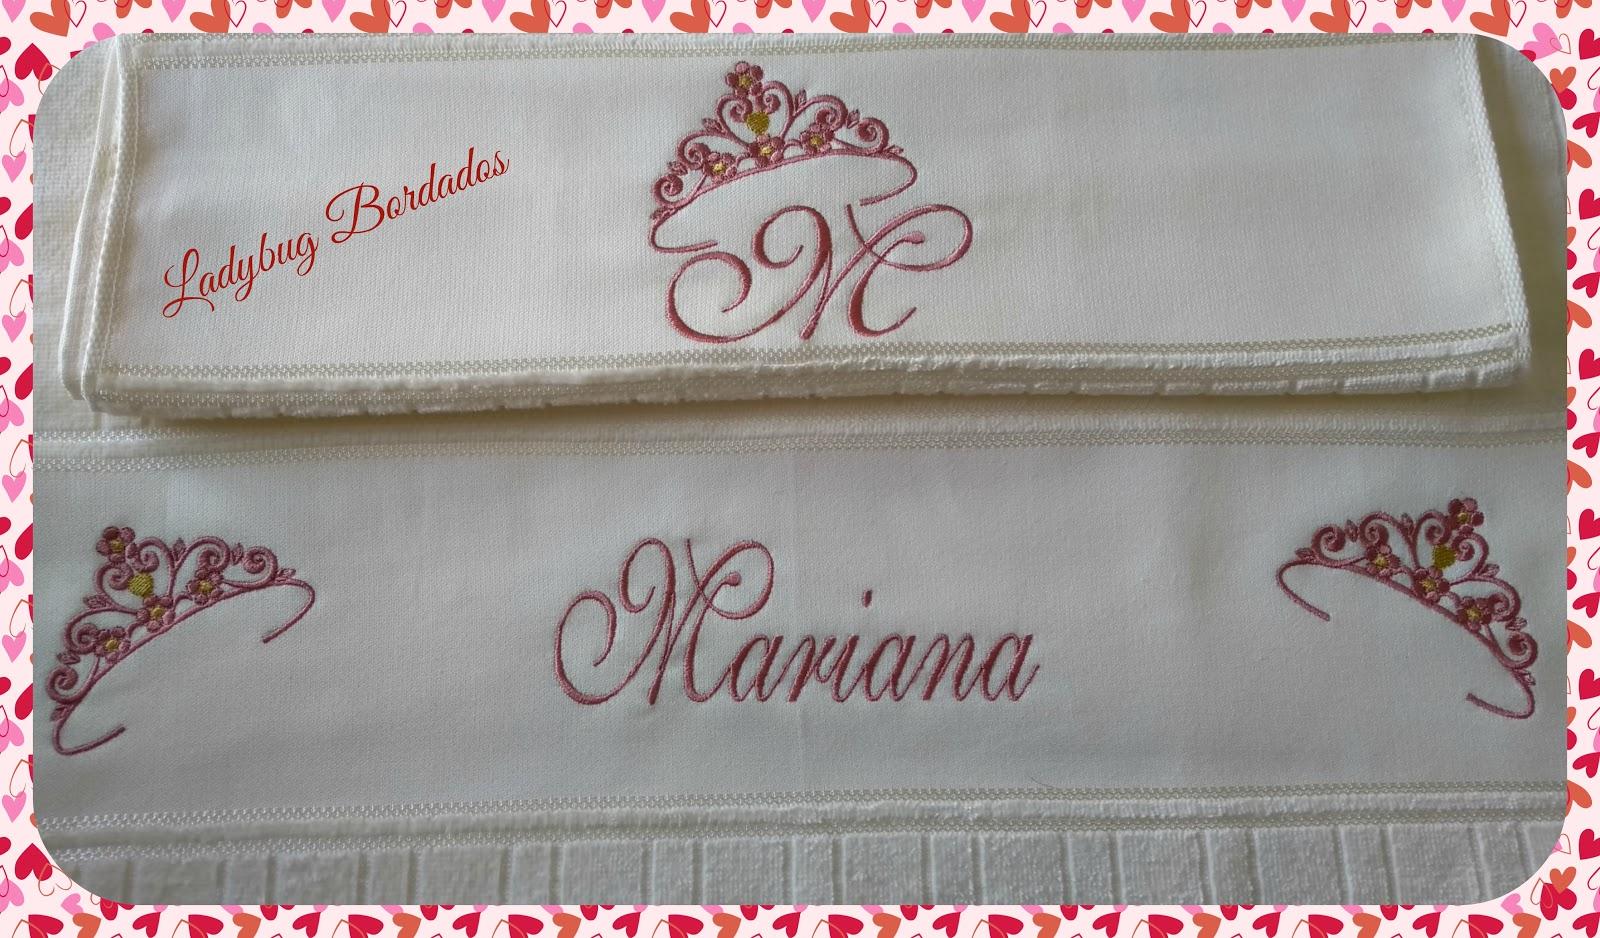 Toalha personalizada - Mariana (banho e rosto) b1629bf5b07